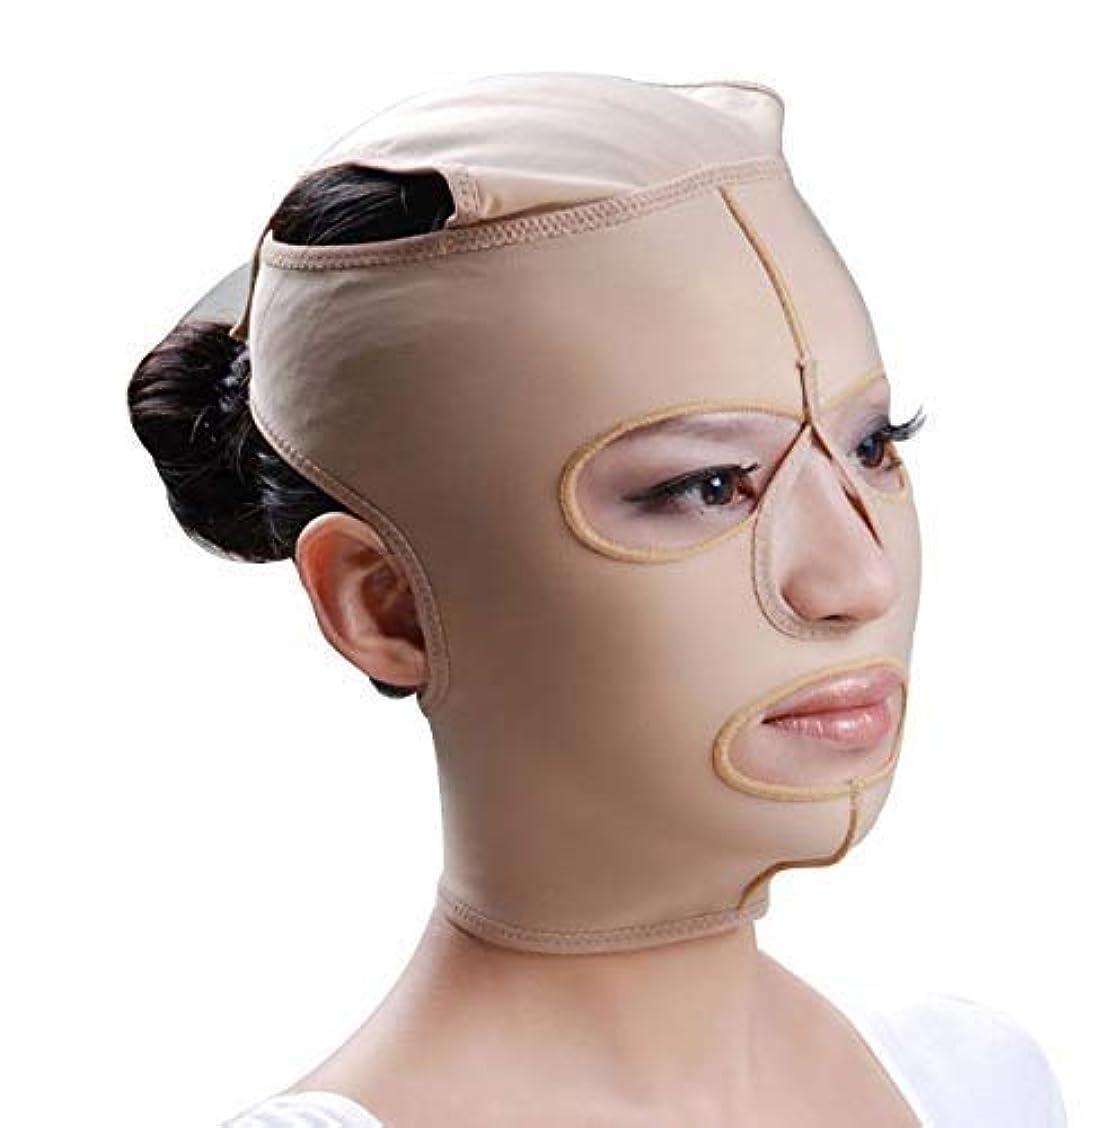 気をつけて砂人差し指ファーミングフェイスマスク、フェイシャルマスク弾性フェイスリフティングリフティングファーミングパターンマイクロフィニッシングポストモデリングコンプレッションフェイスマスク(サイズ:L)